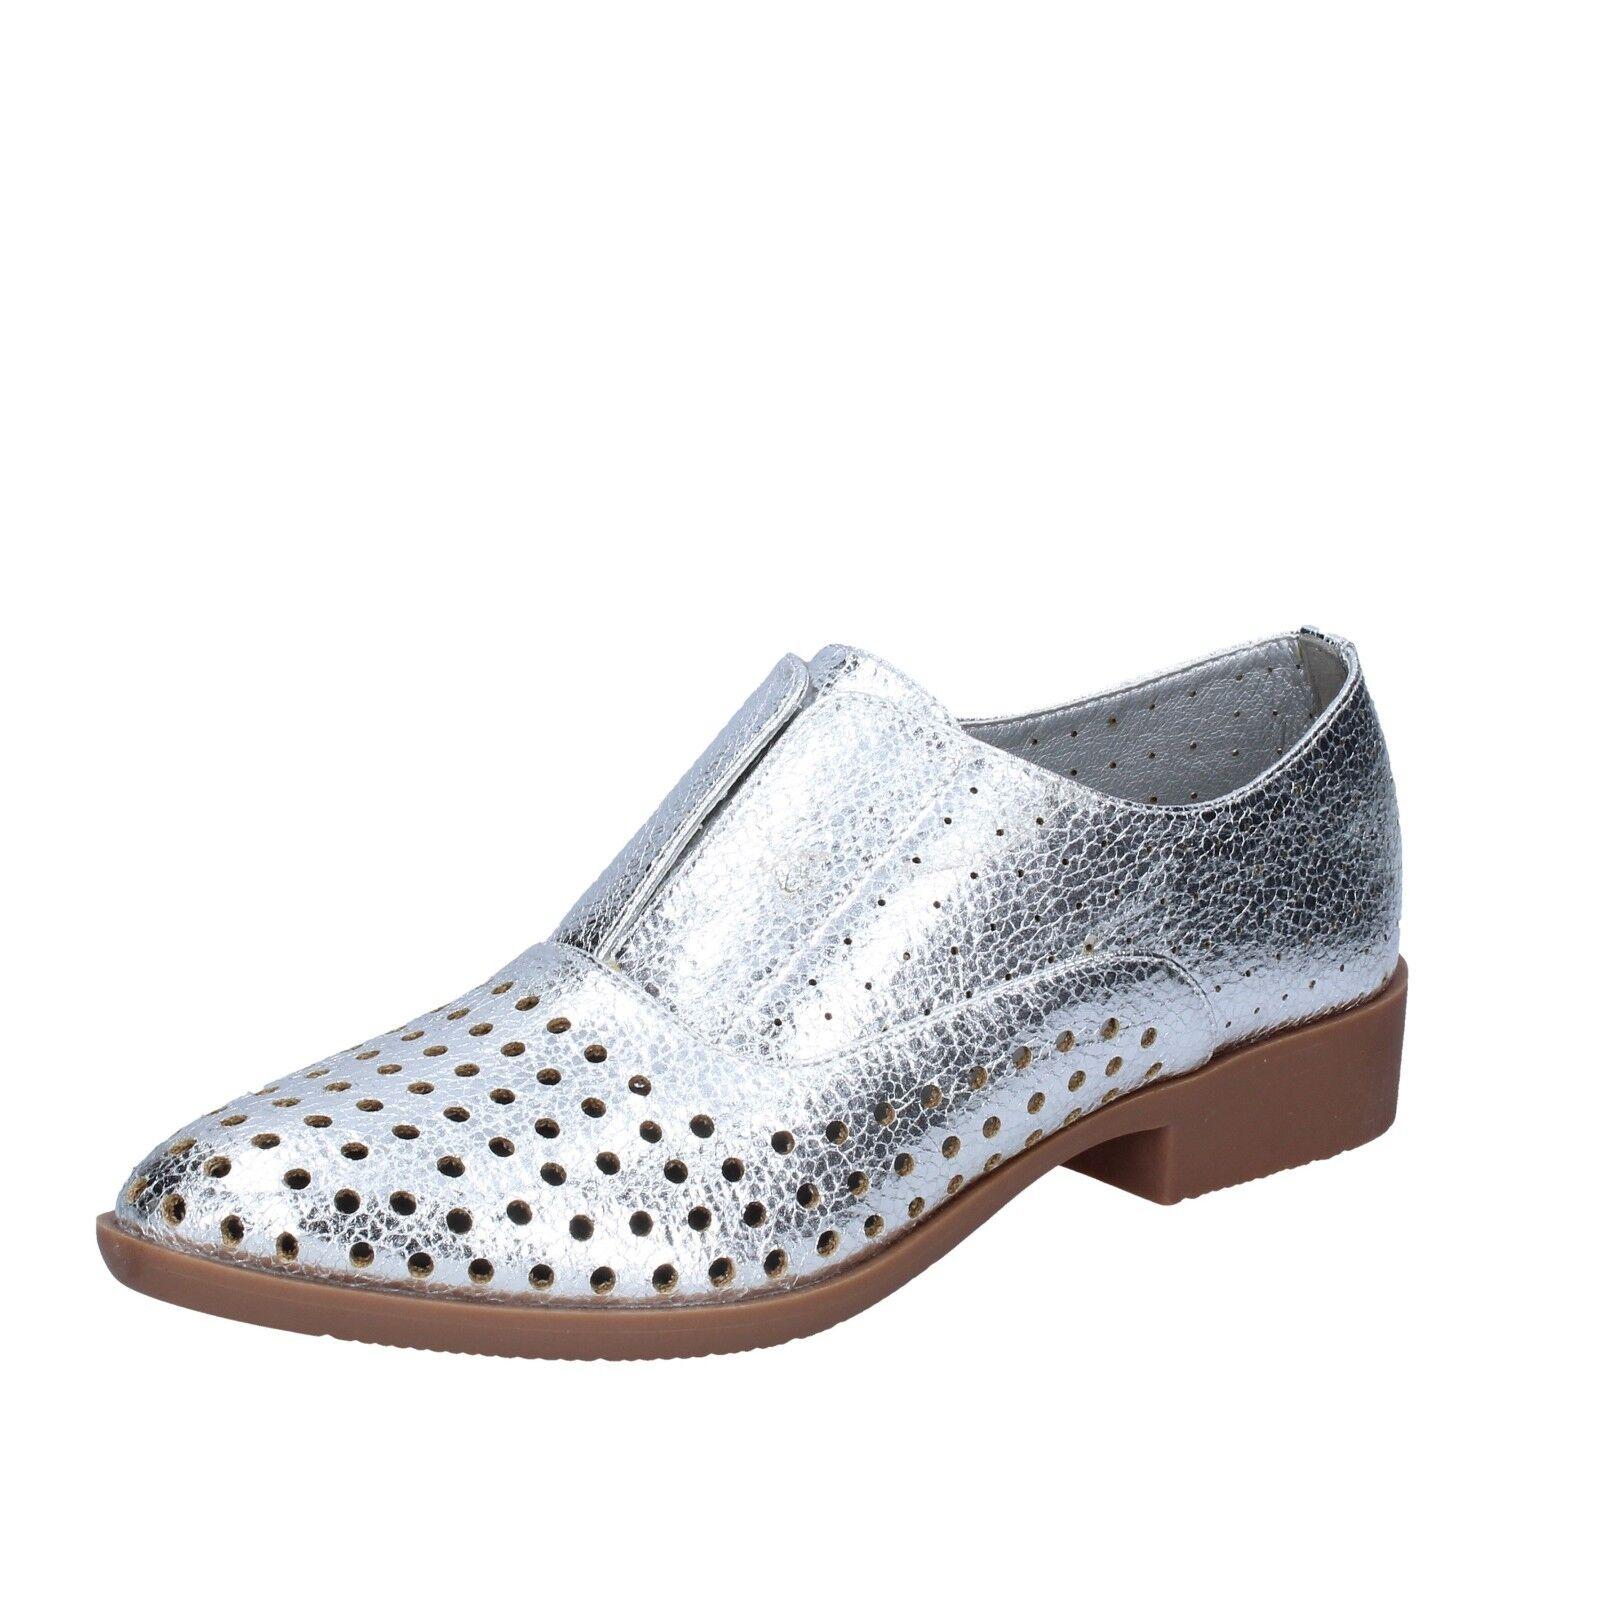 Chaussures Femmes Francesco Milano 37 UE élégant argent cuir bs73-37